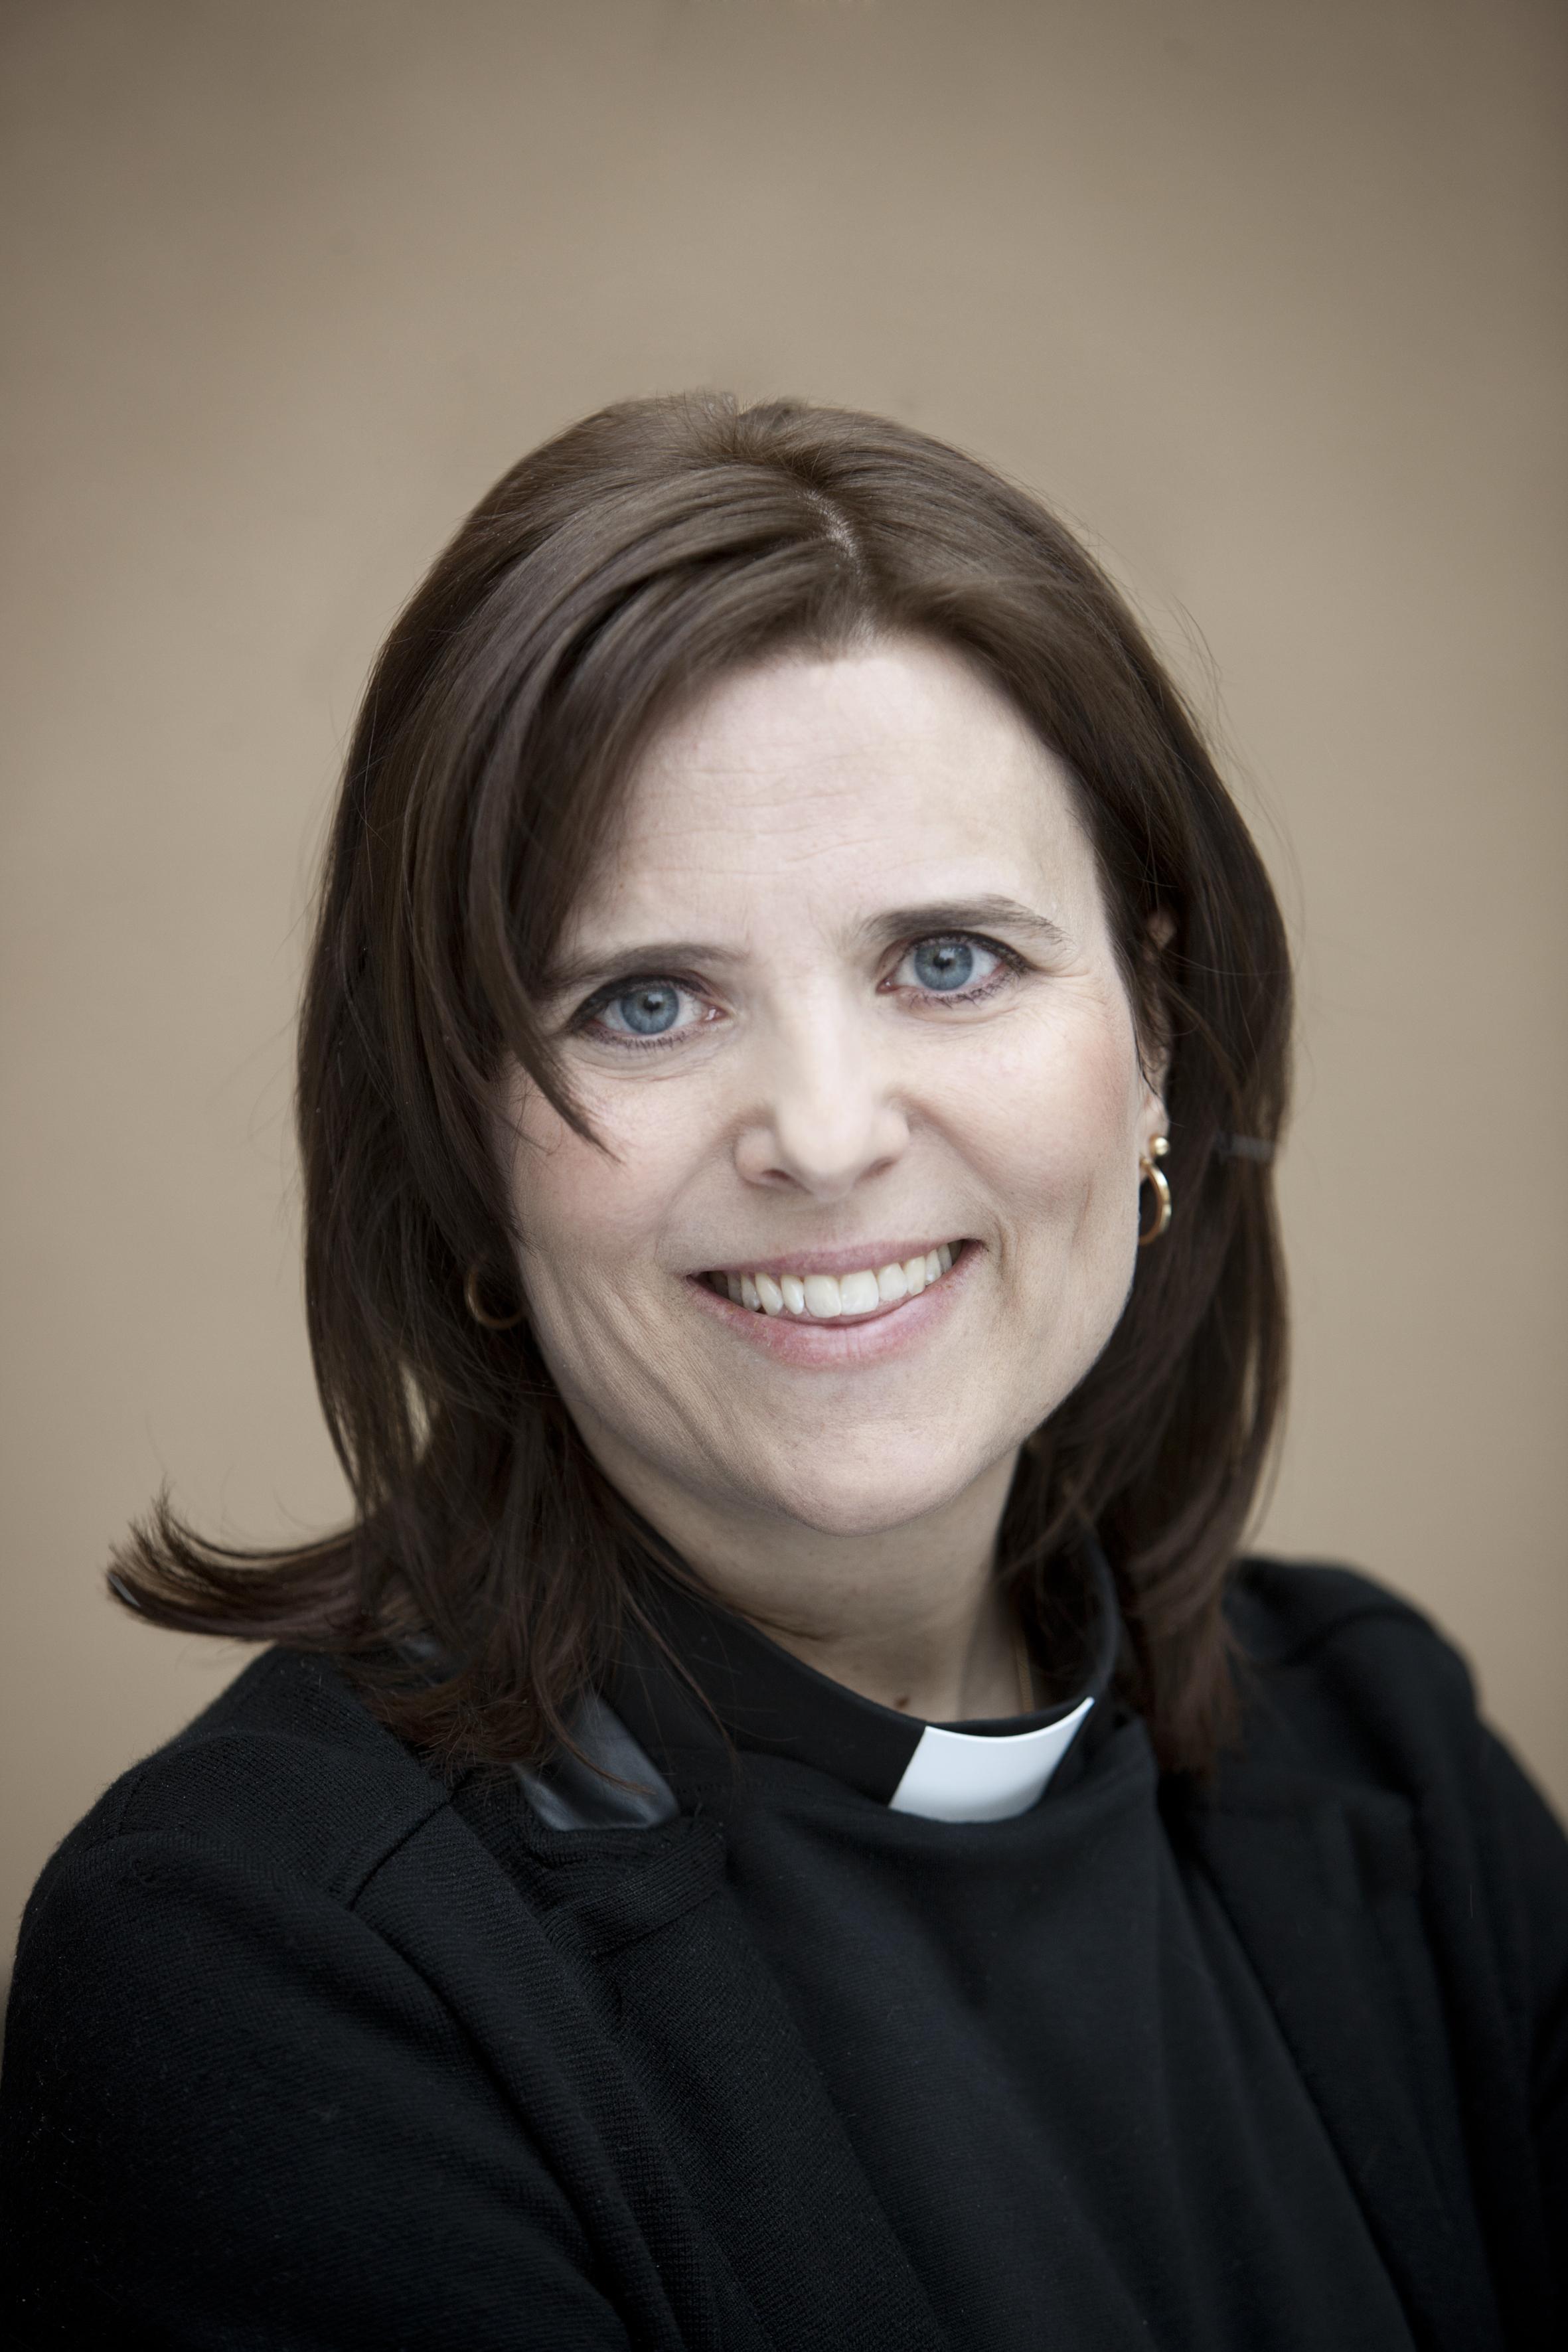 Sofia Camnerin, en av GF-kyrkans tre ledare